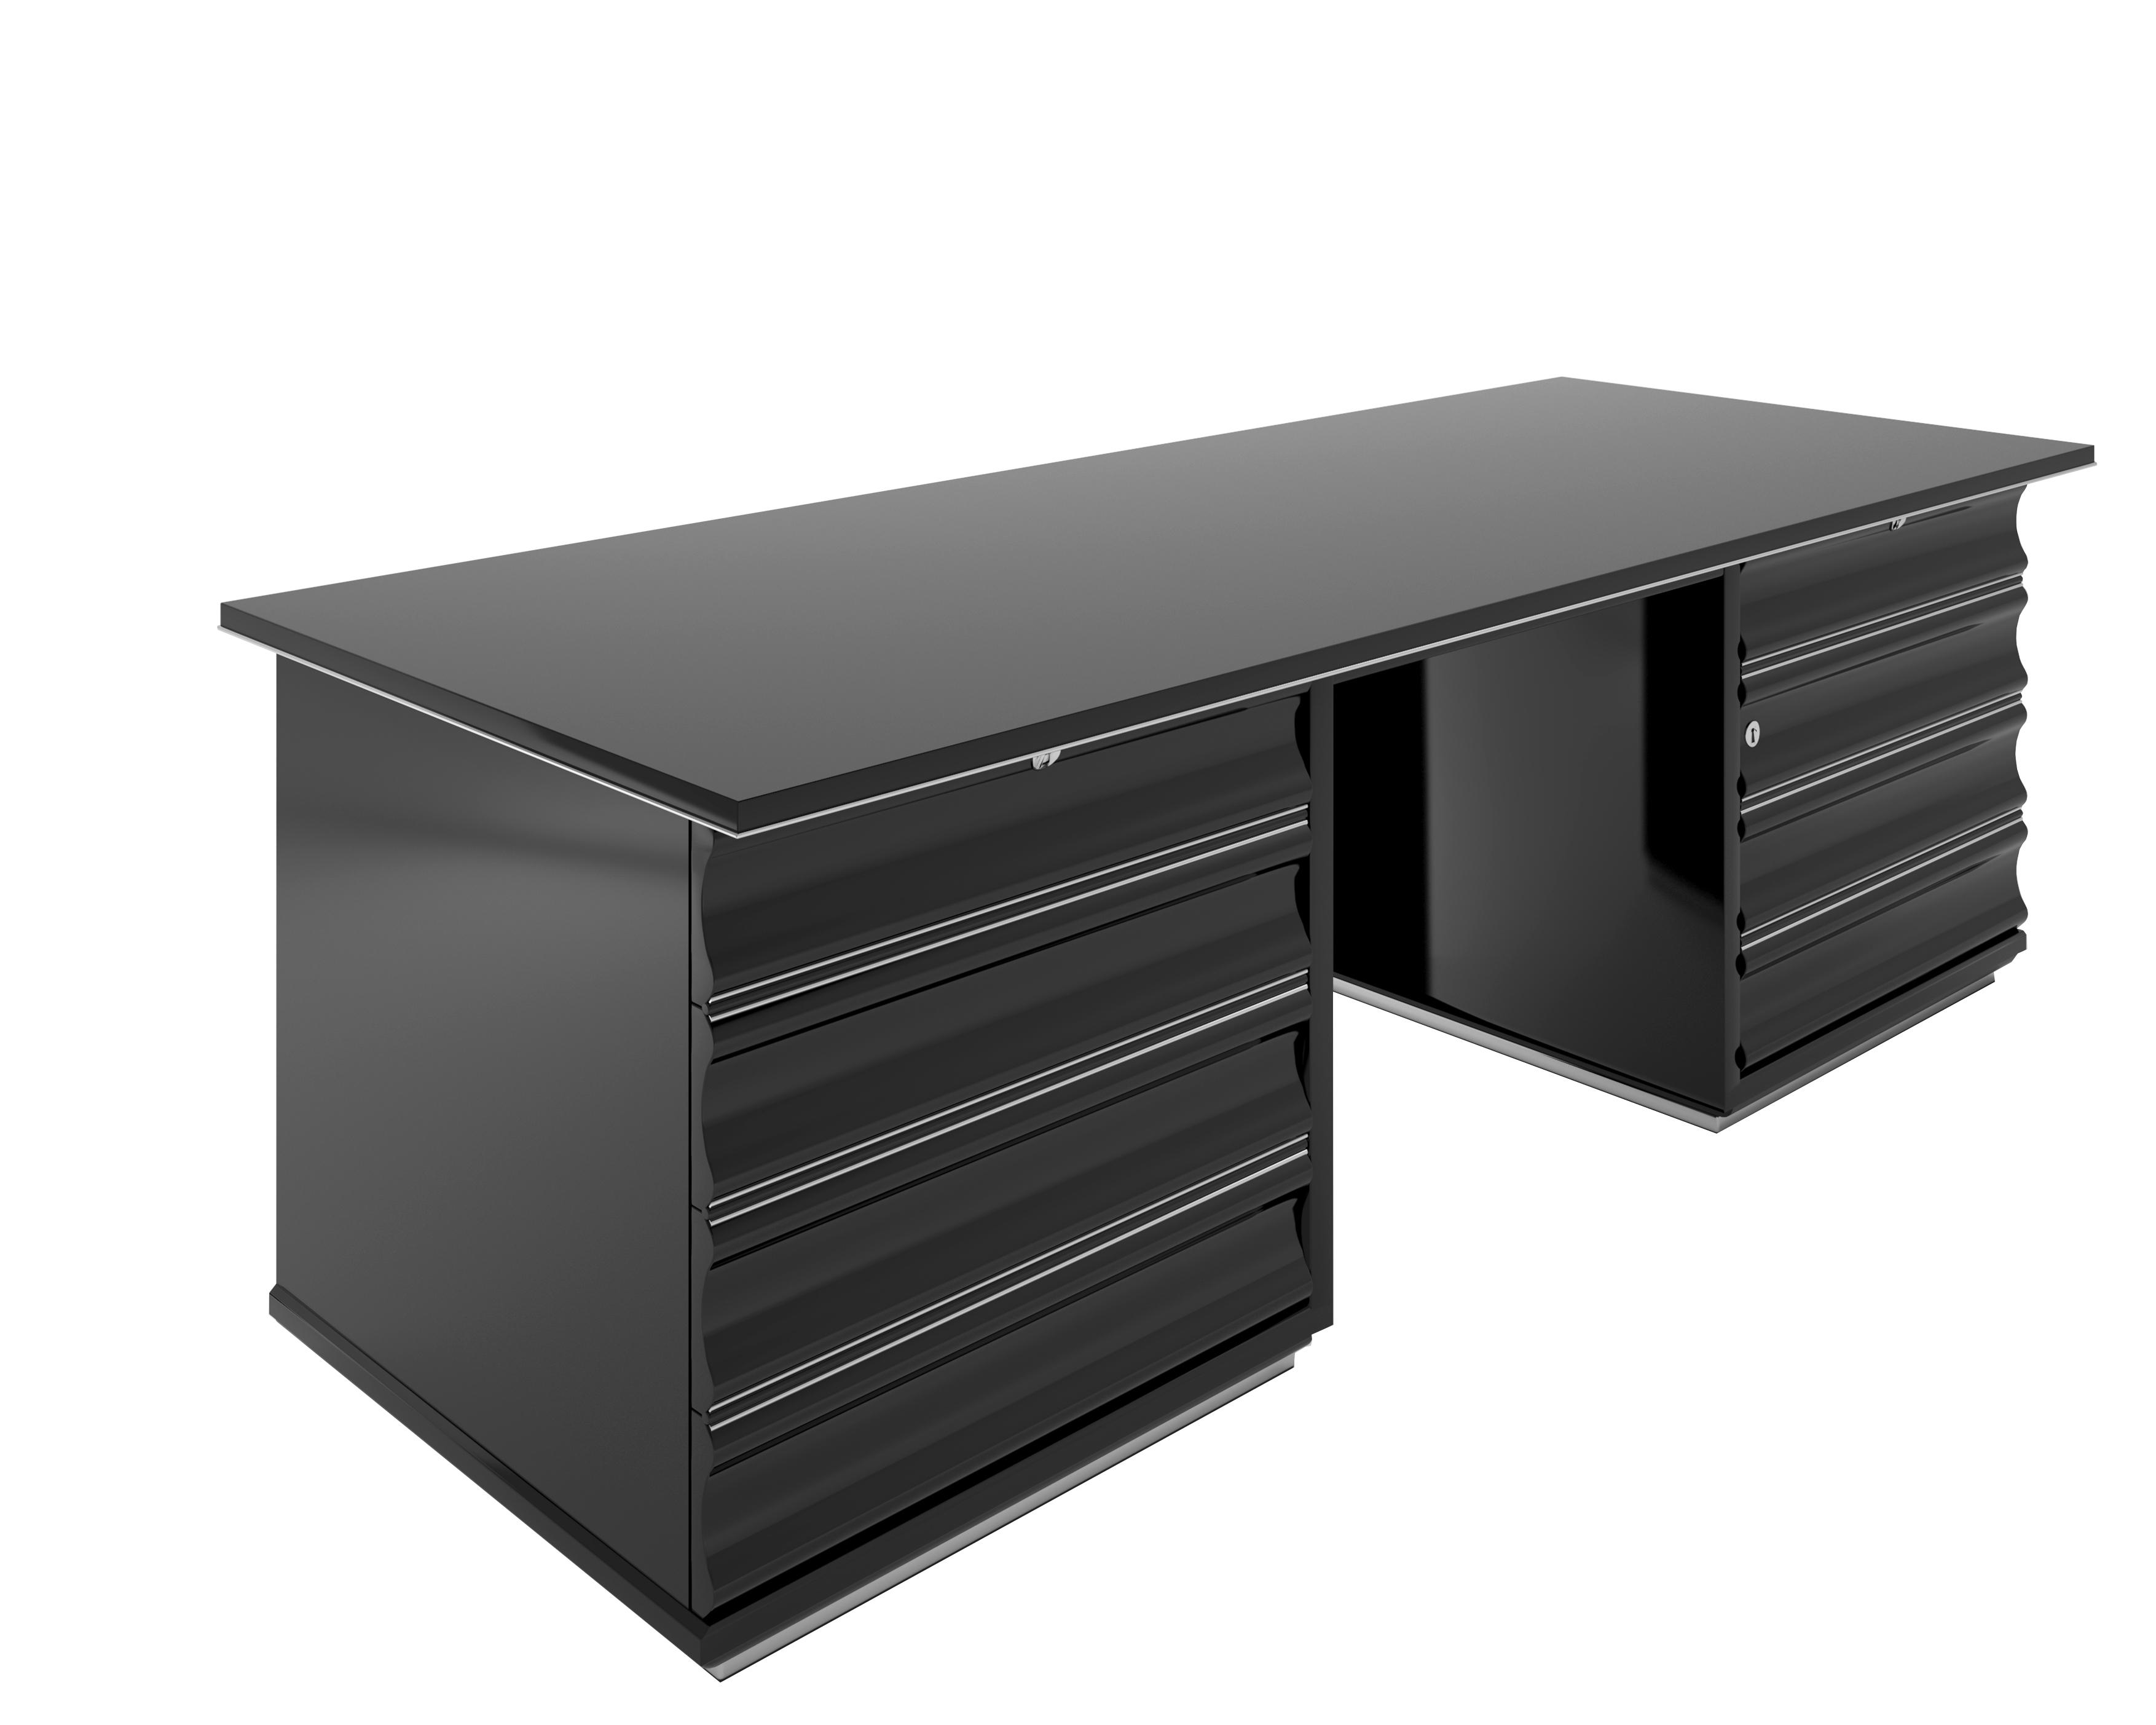 schwarzer art deco schreibtisch mit roten schubladen original antike m bel. Black Bedroom Furniture Sets. Home Design Ideas